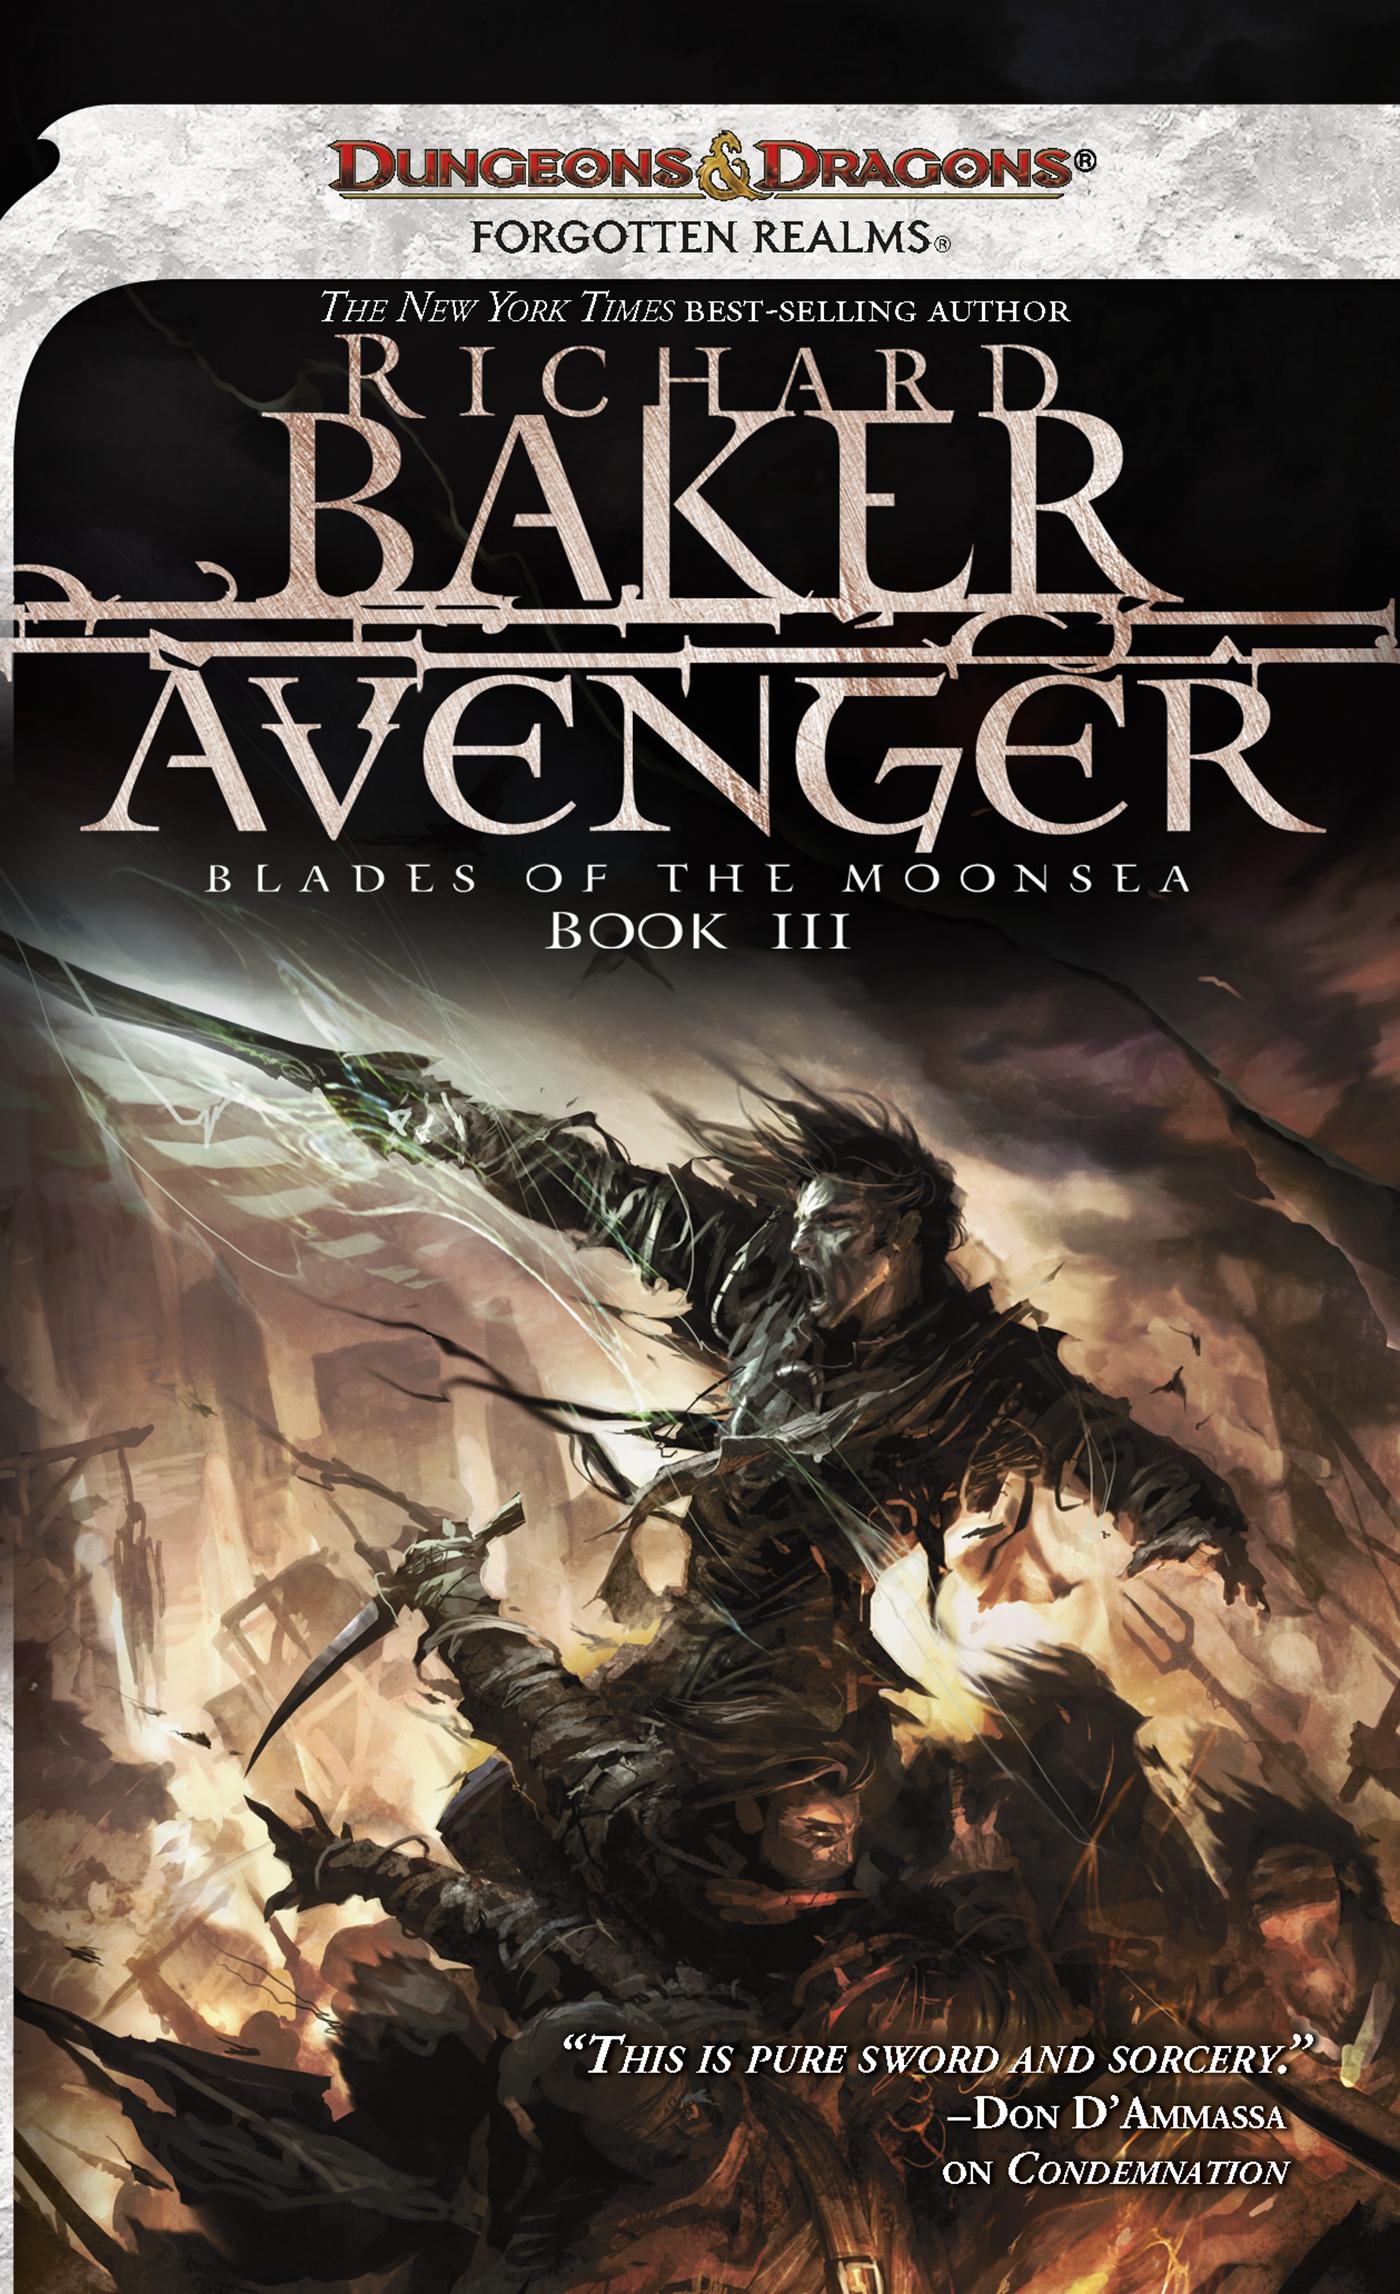 File:Avenger Cover.jpg